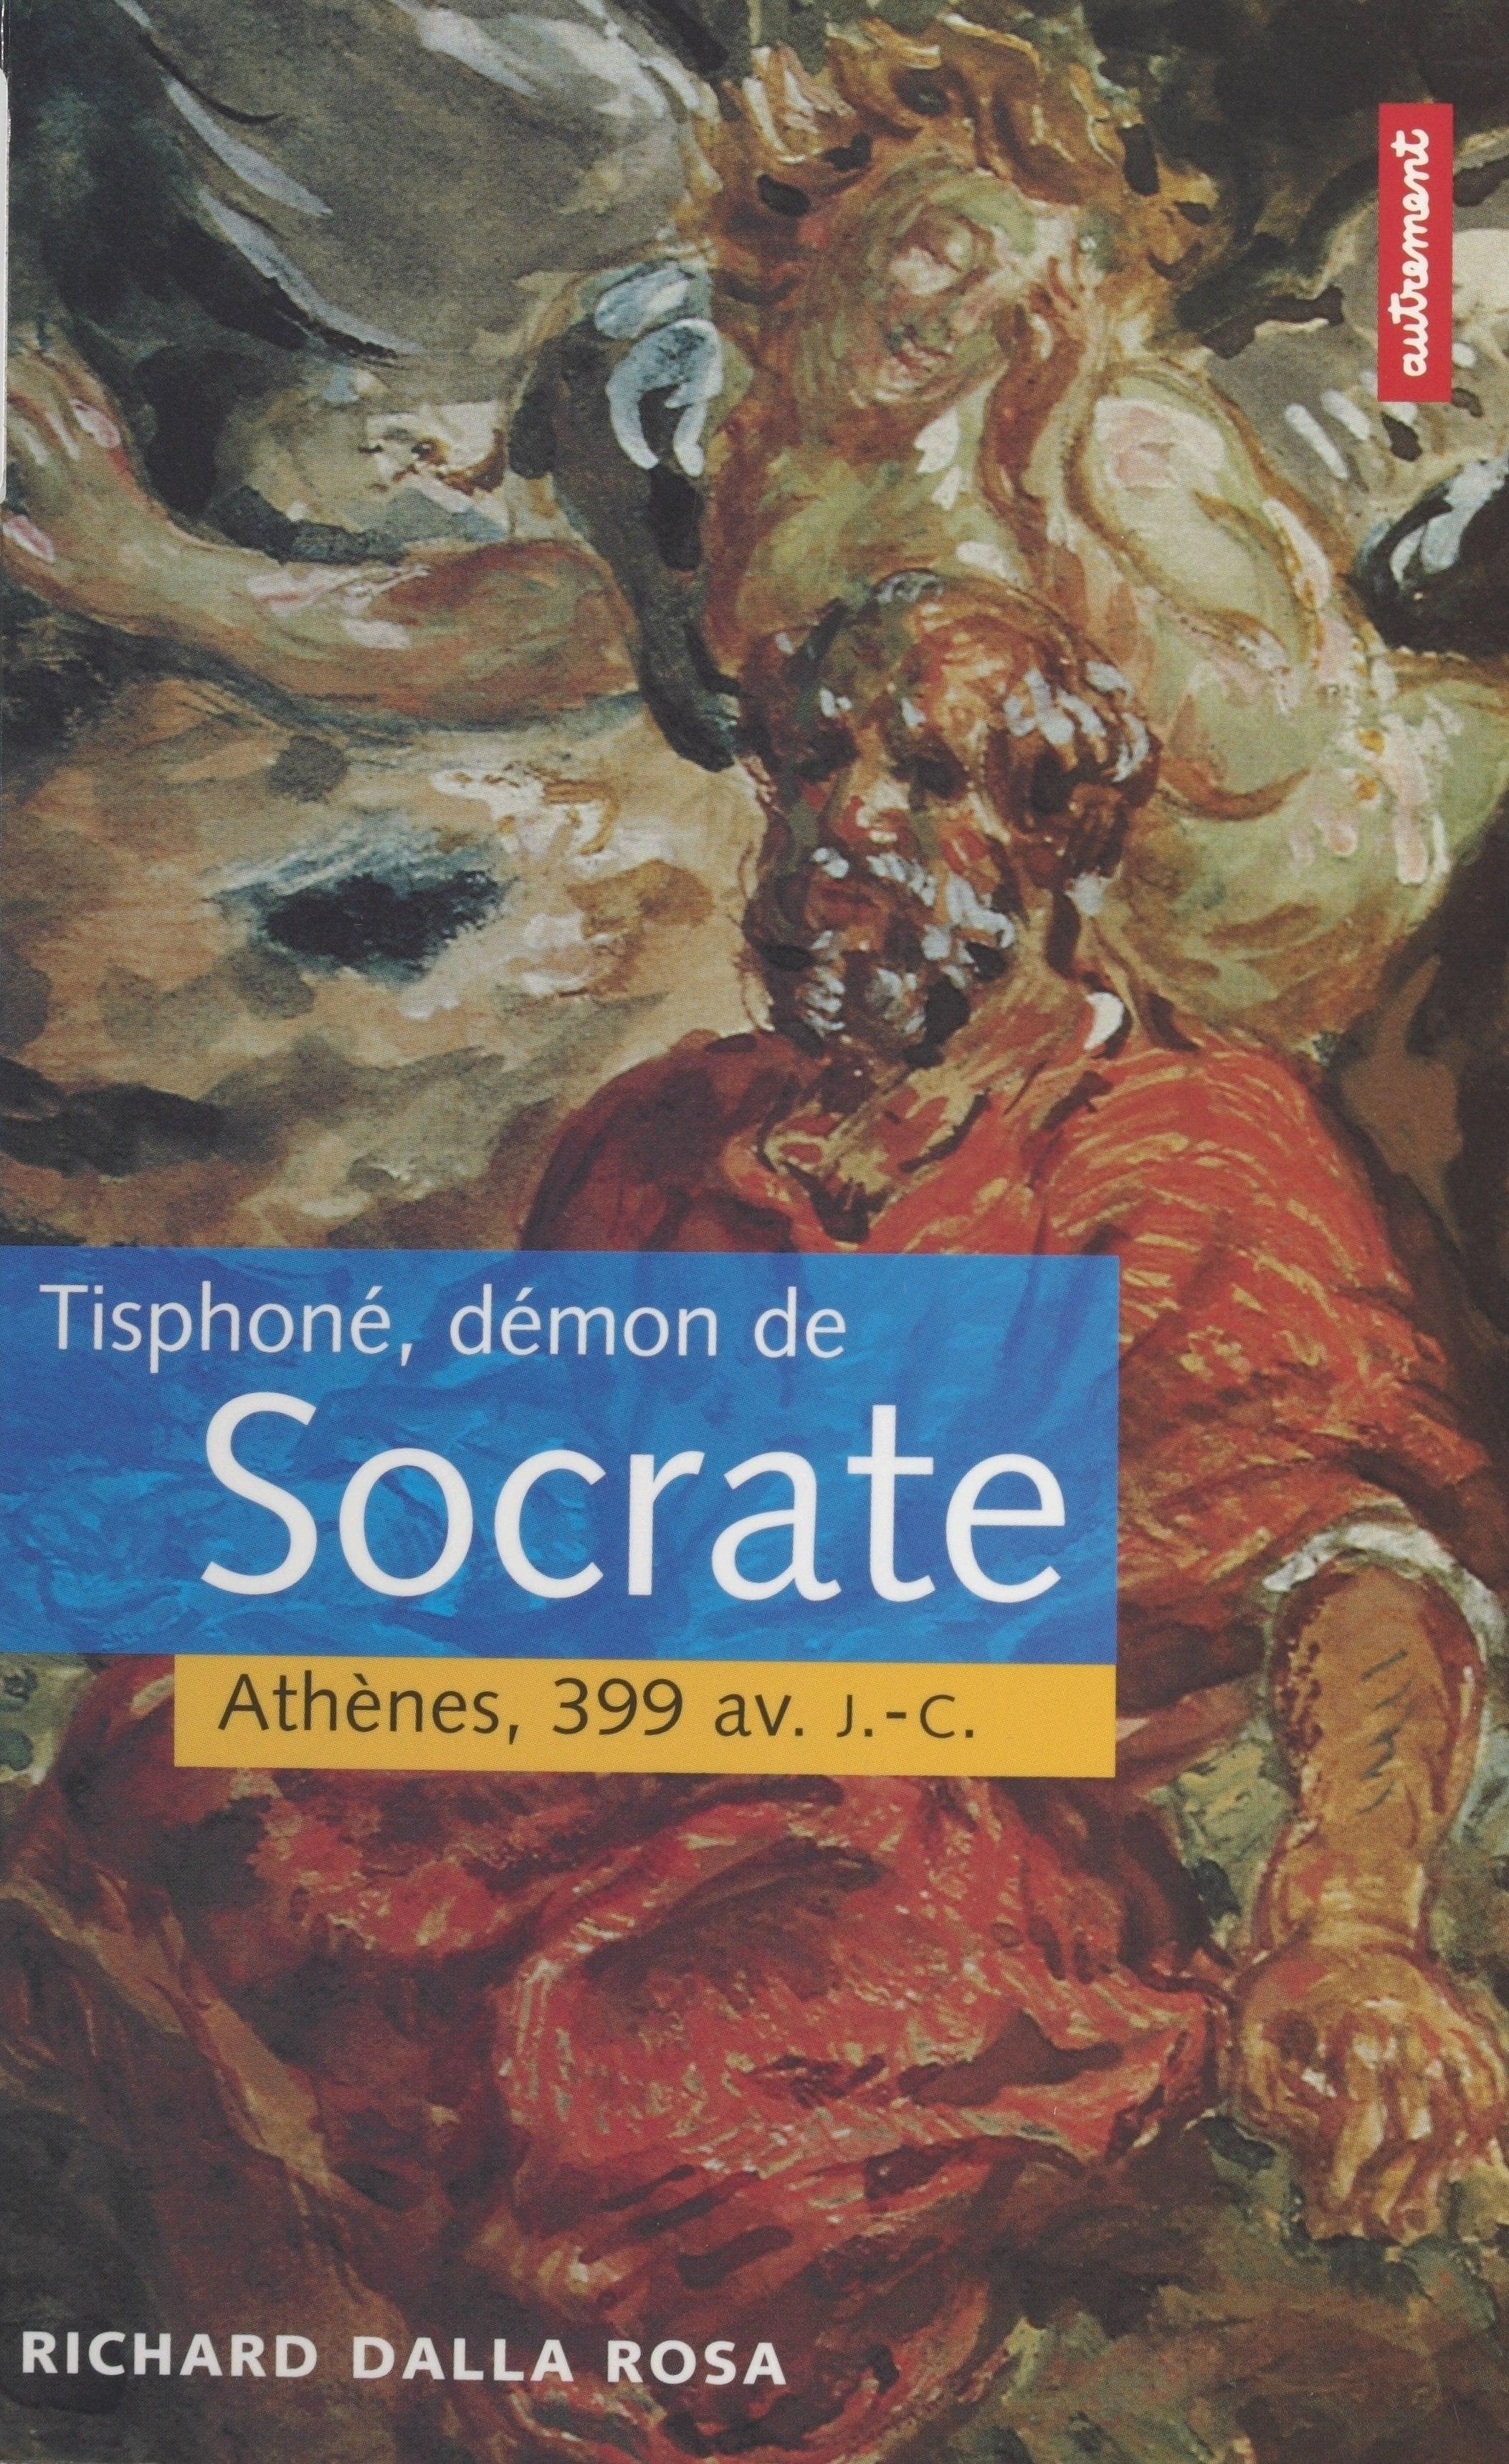 Tisphoné, démon de Socrate ...